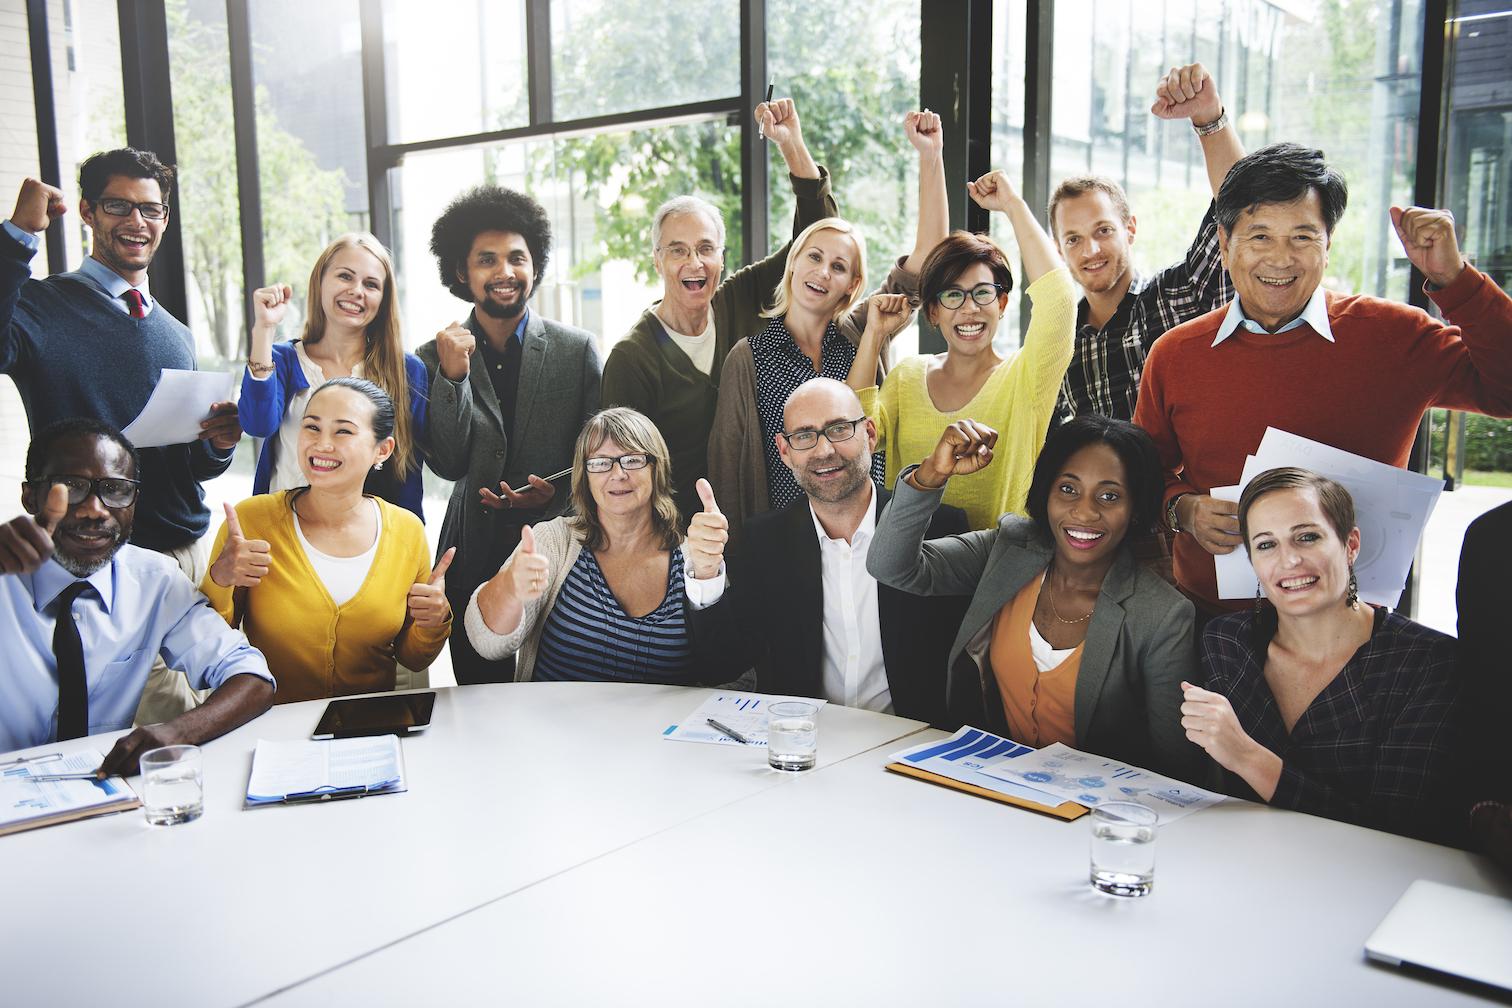 Organisationsentwicklung braucht Führungskräfte und Mitarbeiter, die in eine Richtung ziehen